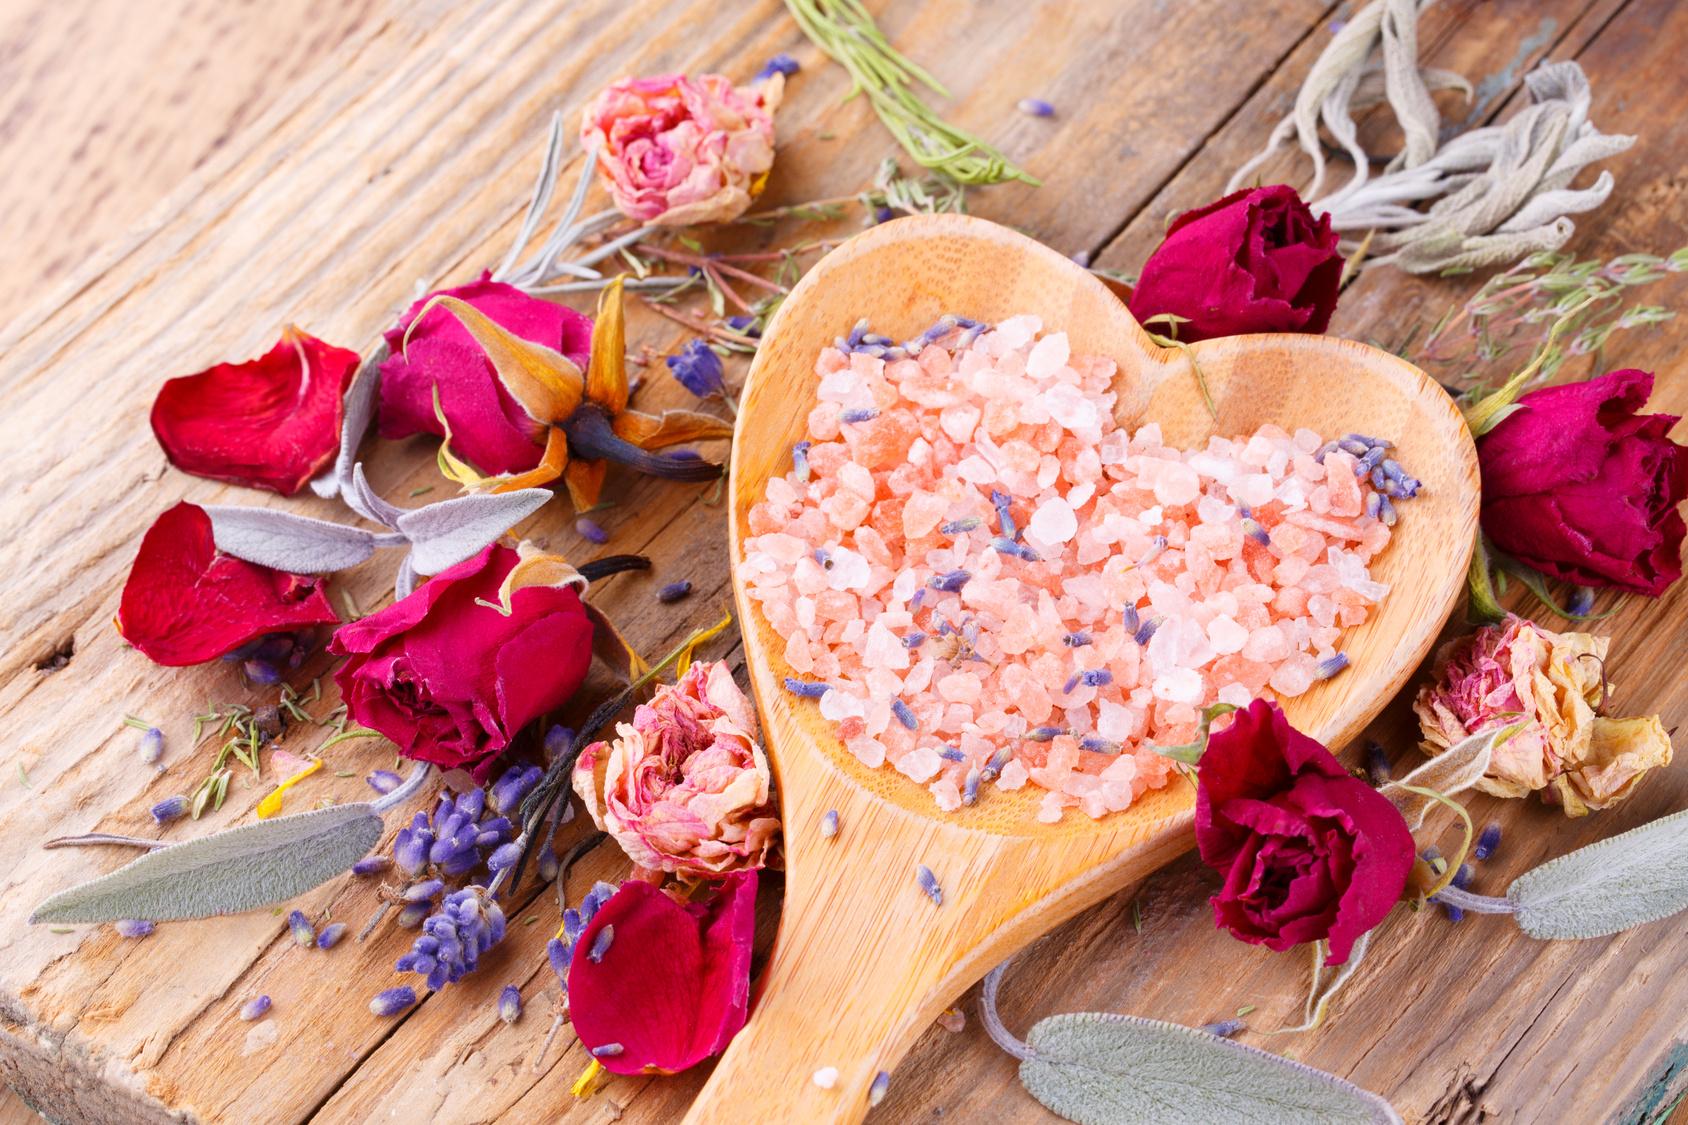 Duftendes Salz mit Rosenblüten und Kräutern